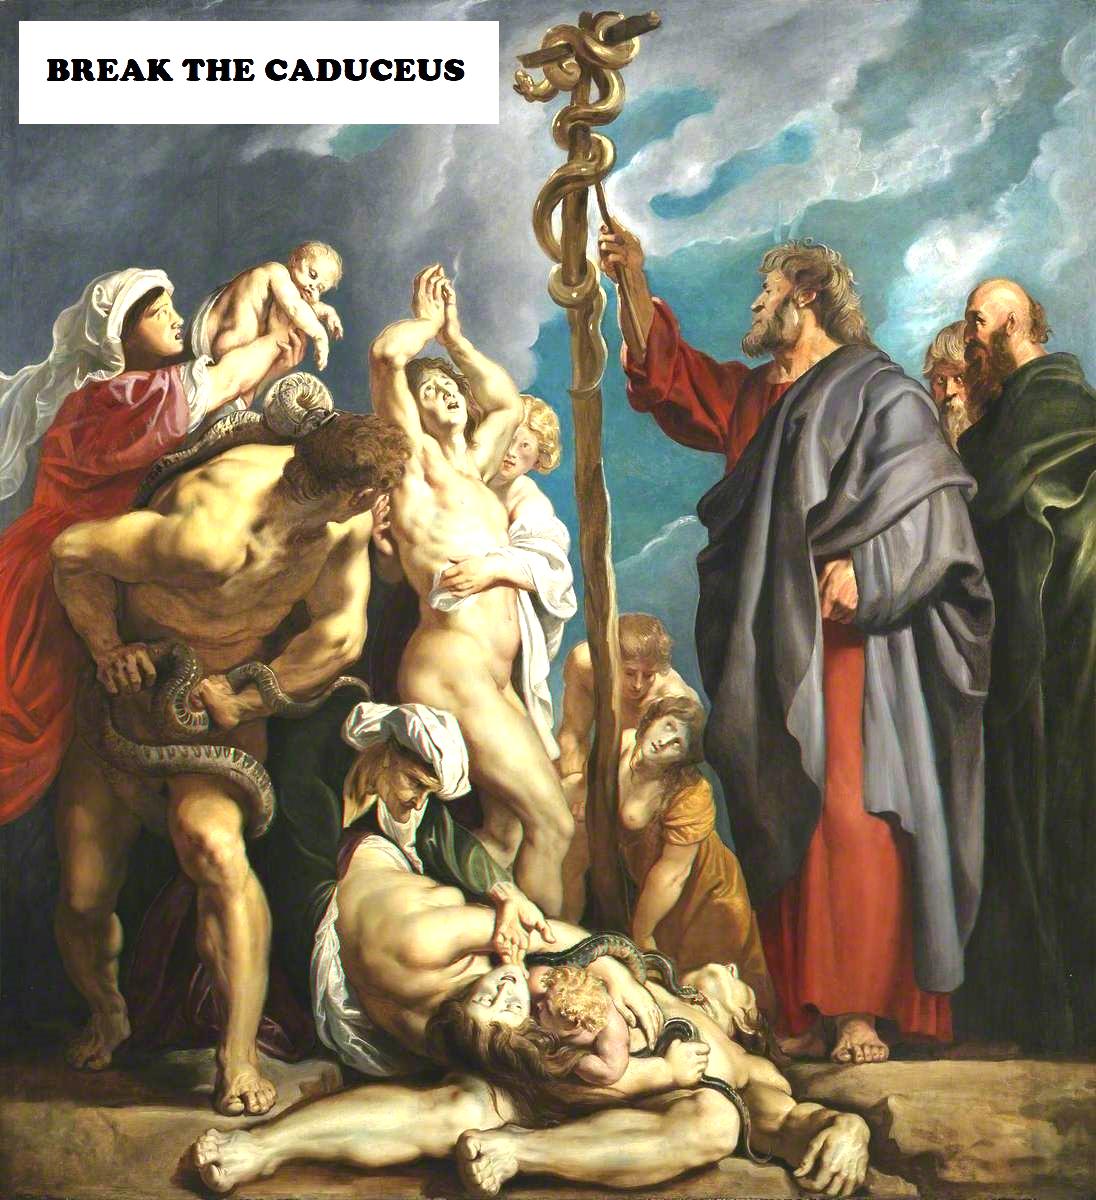 Break The Caduceus